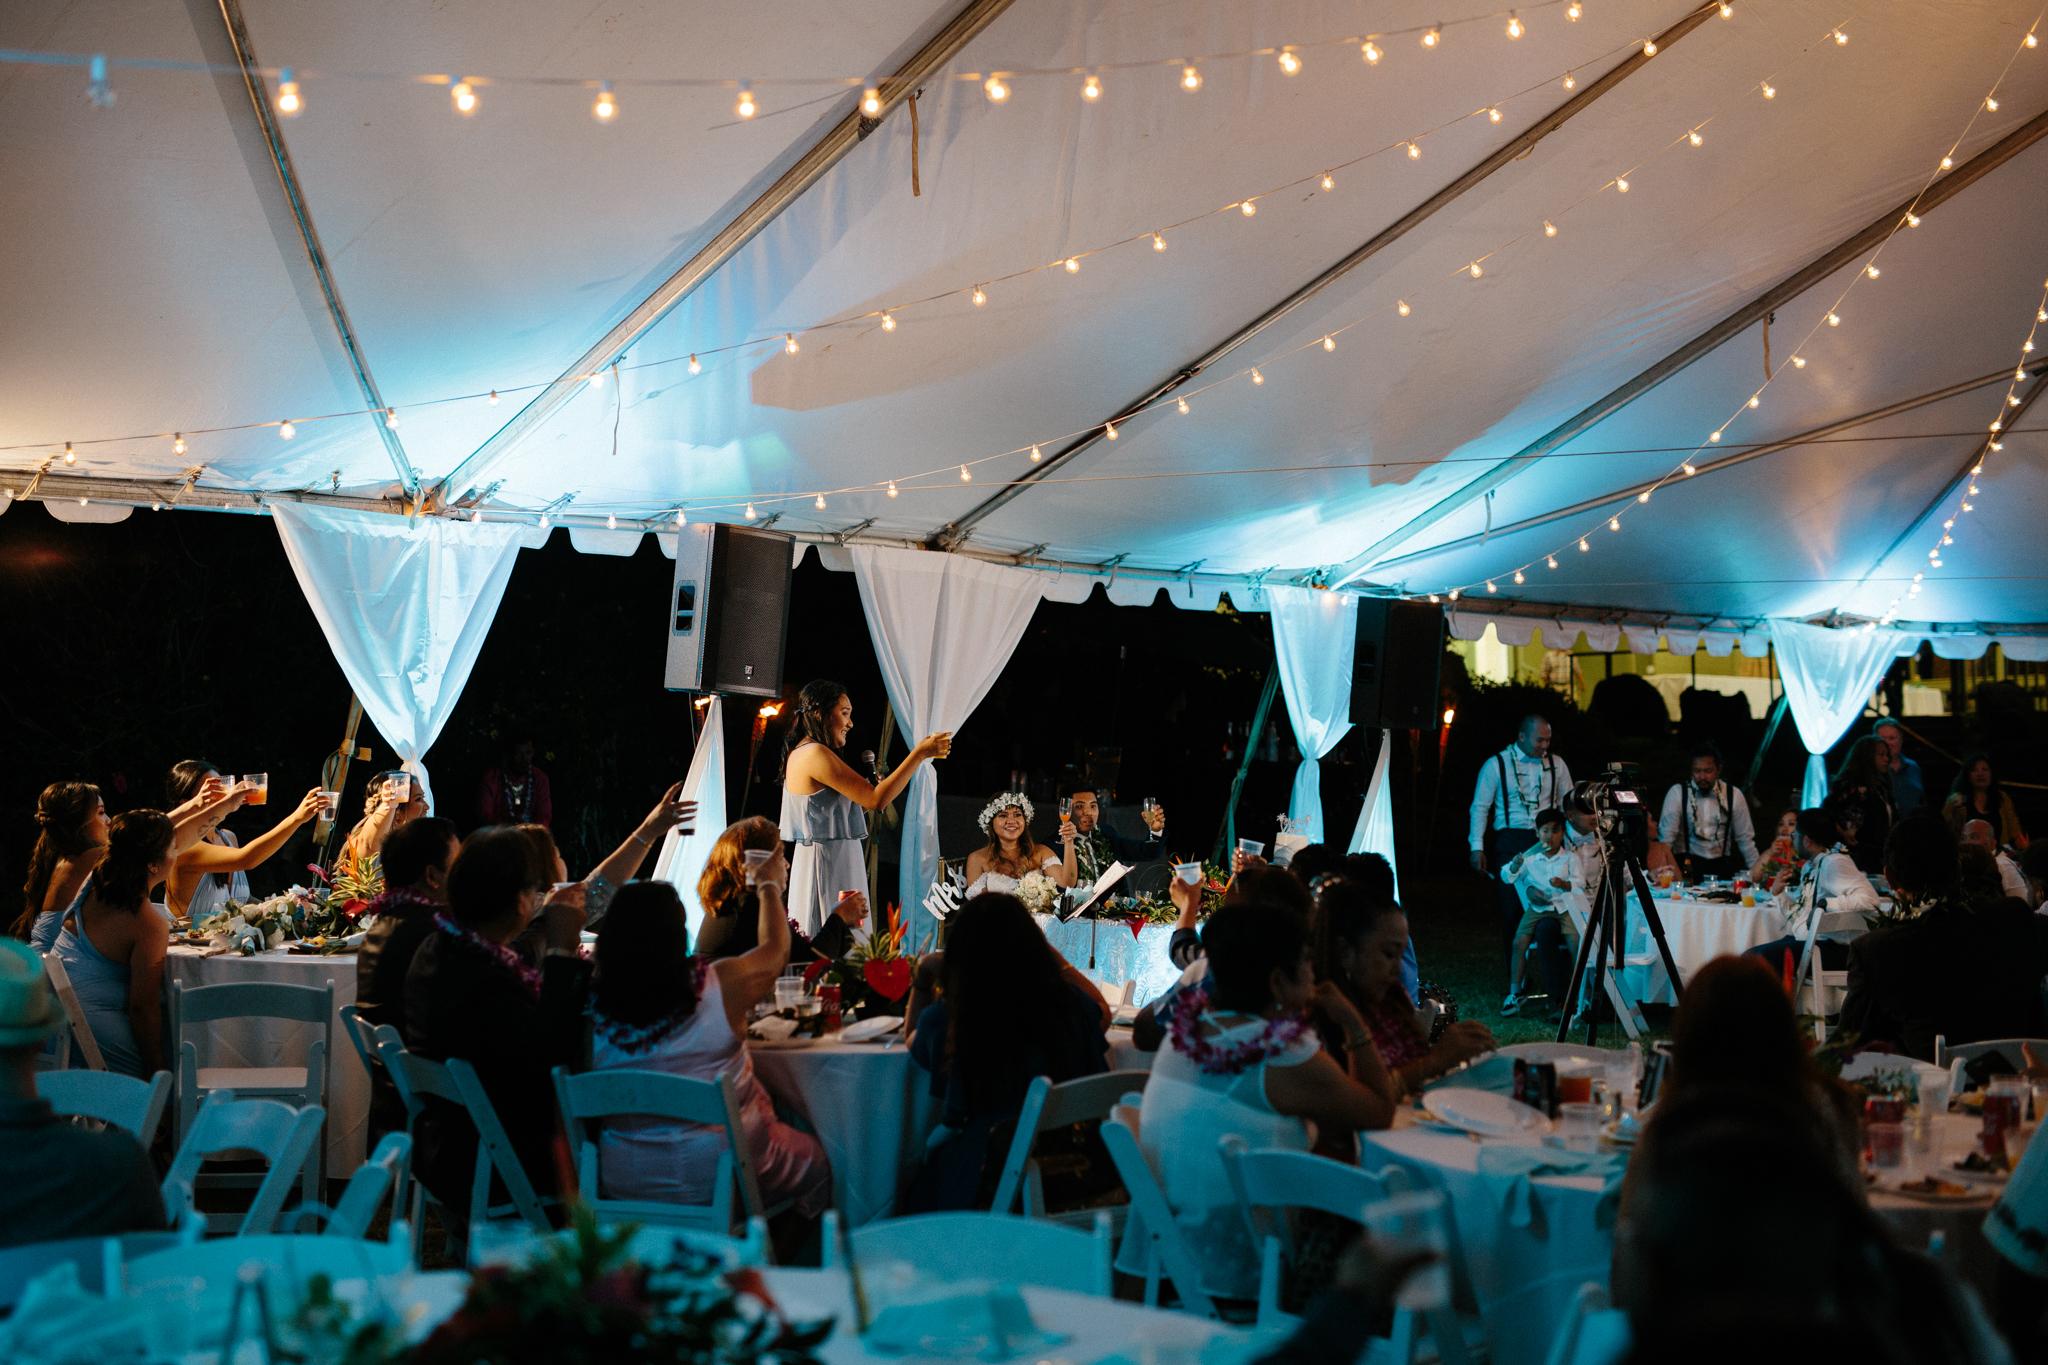 kualoa_ranch_wedding_photography_tone_hawaii-88.jpg